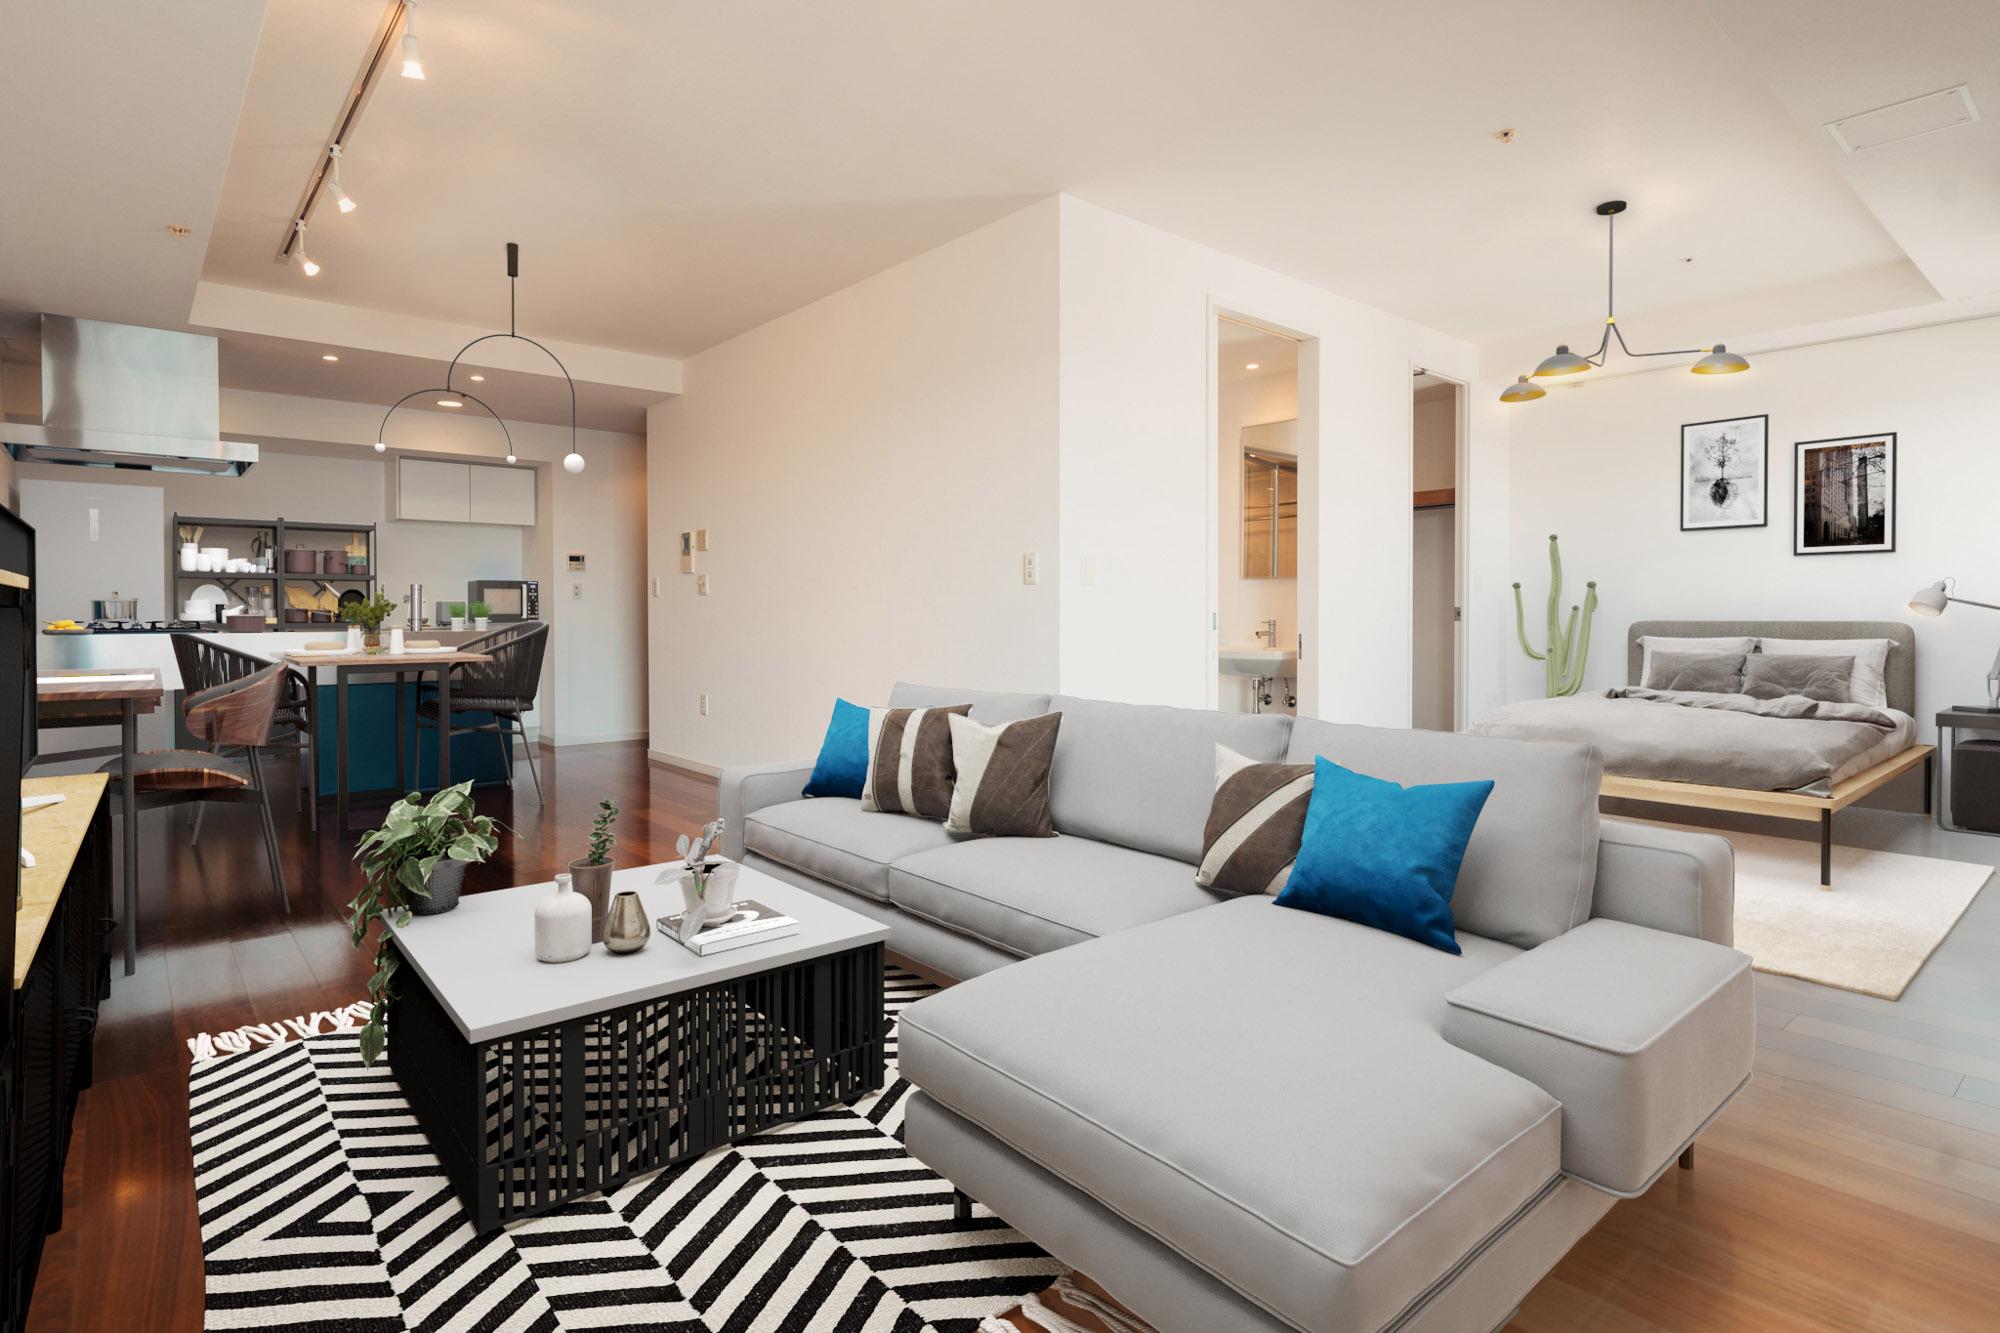 L字型の1K!家具も自由に配置できて、使いやすそうな間取りです。※家具はイメージです。